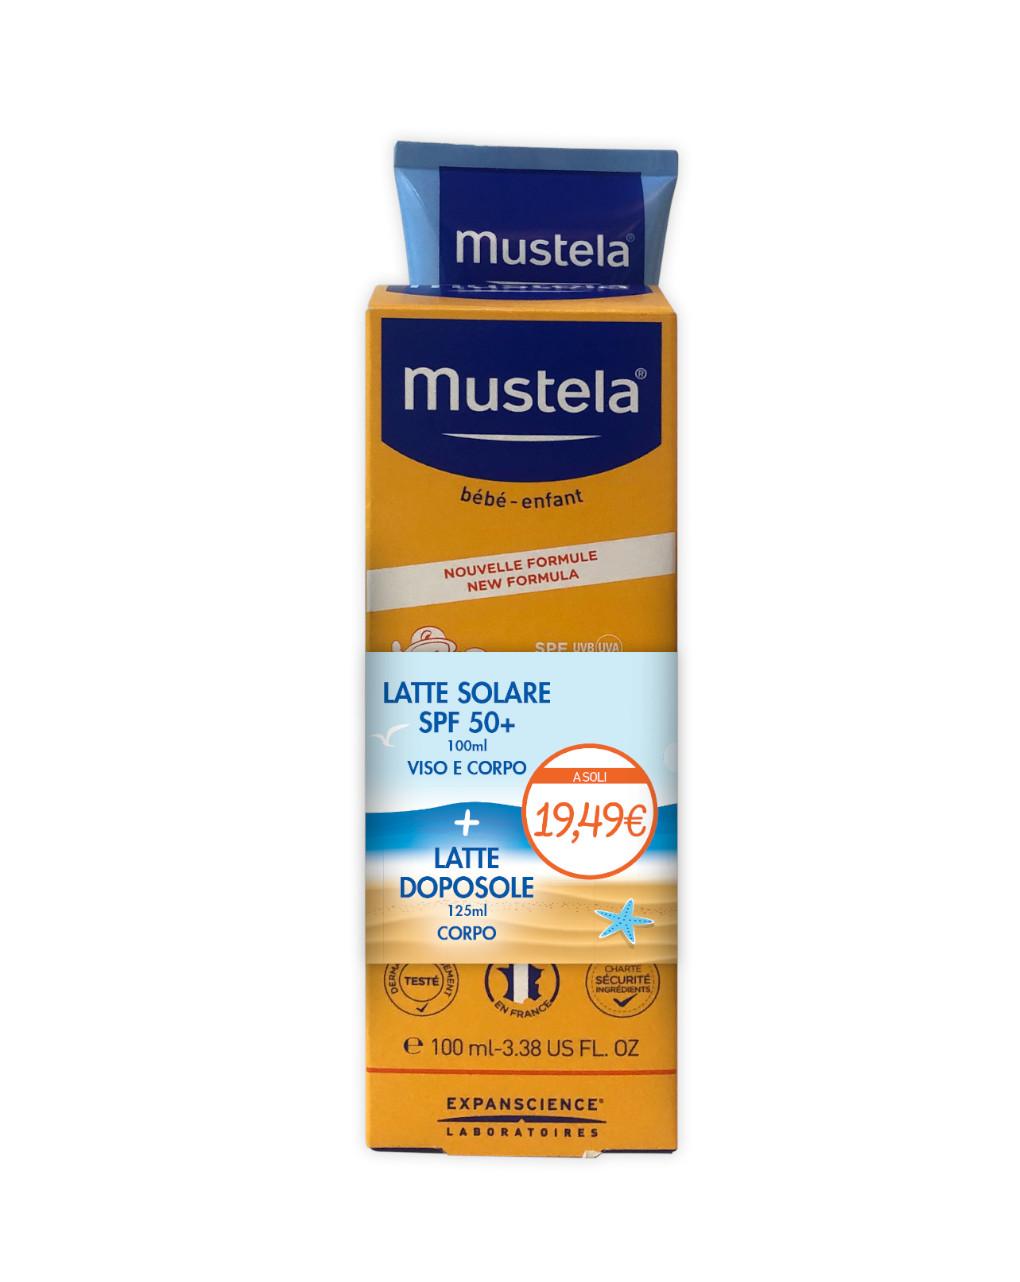 Bipacco latte solare spf50+ 100 ml + doposole 125 ml - Mustela